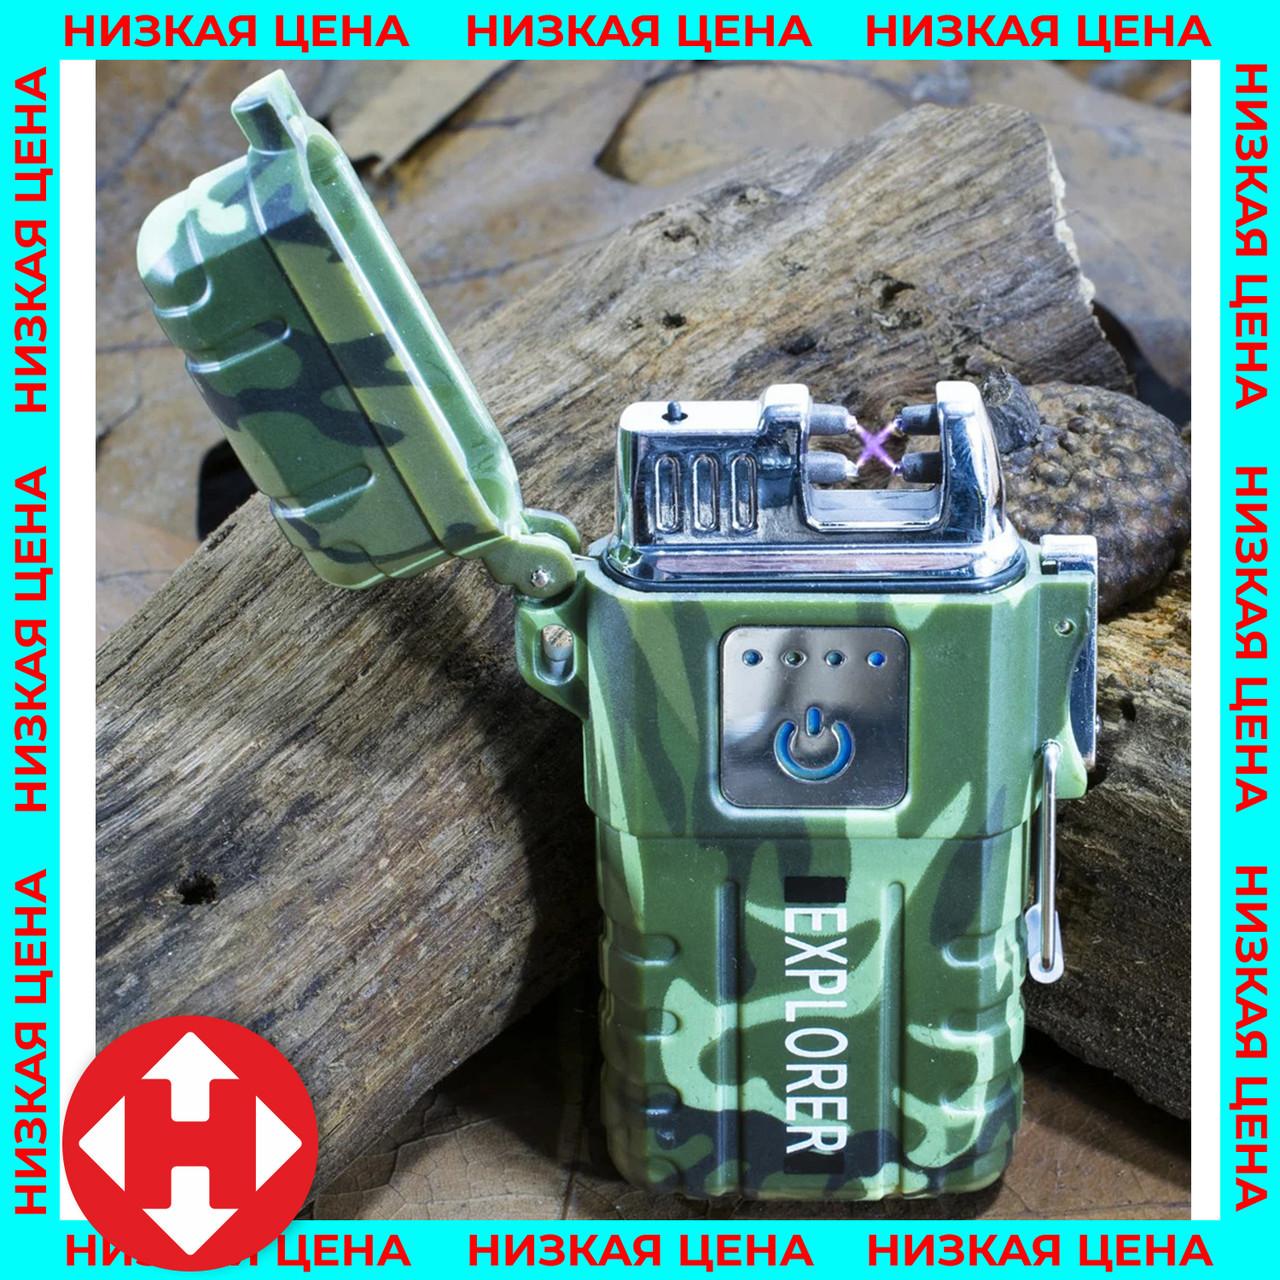 Распродажа! Электродуговая плазменная импульсная зажигалка Explorer (6741) Хаки - электрозажигалка от USB